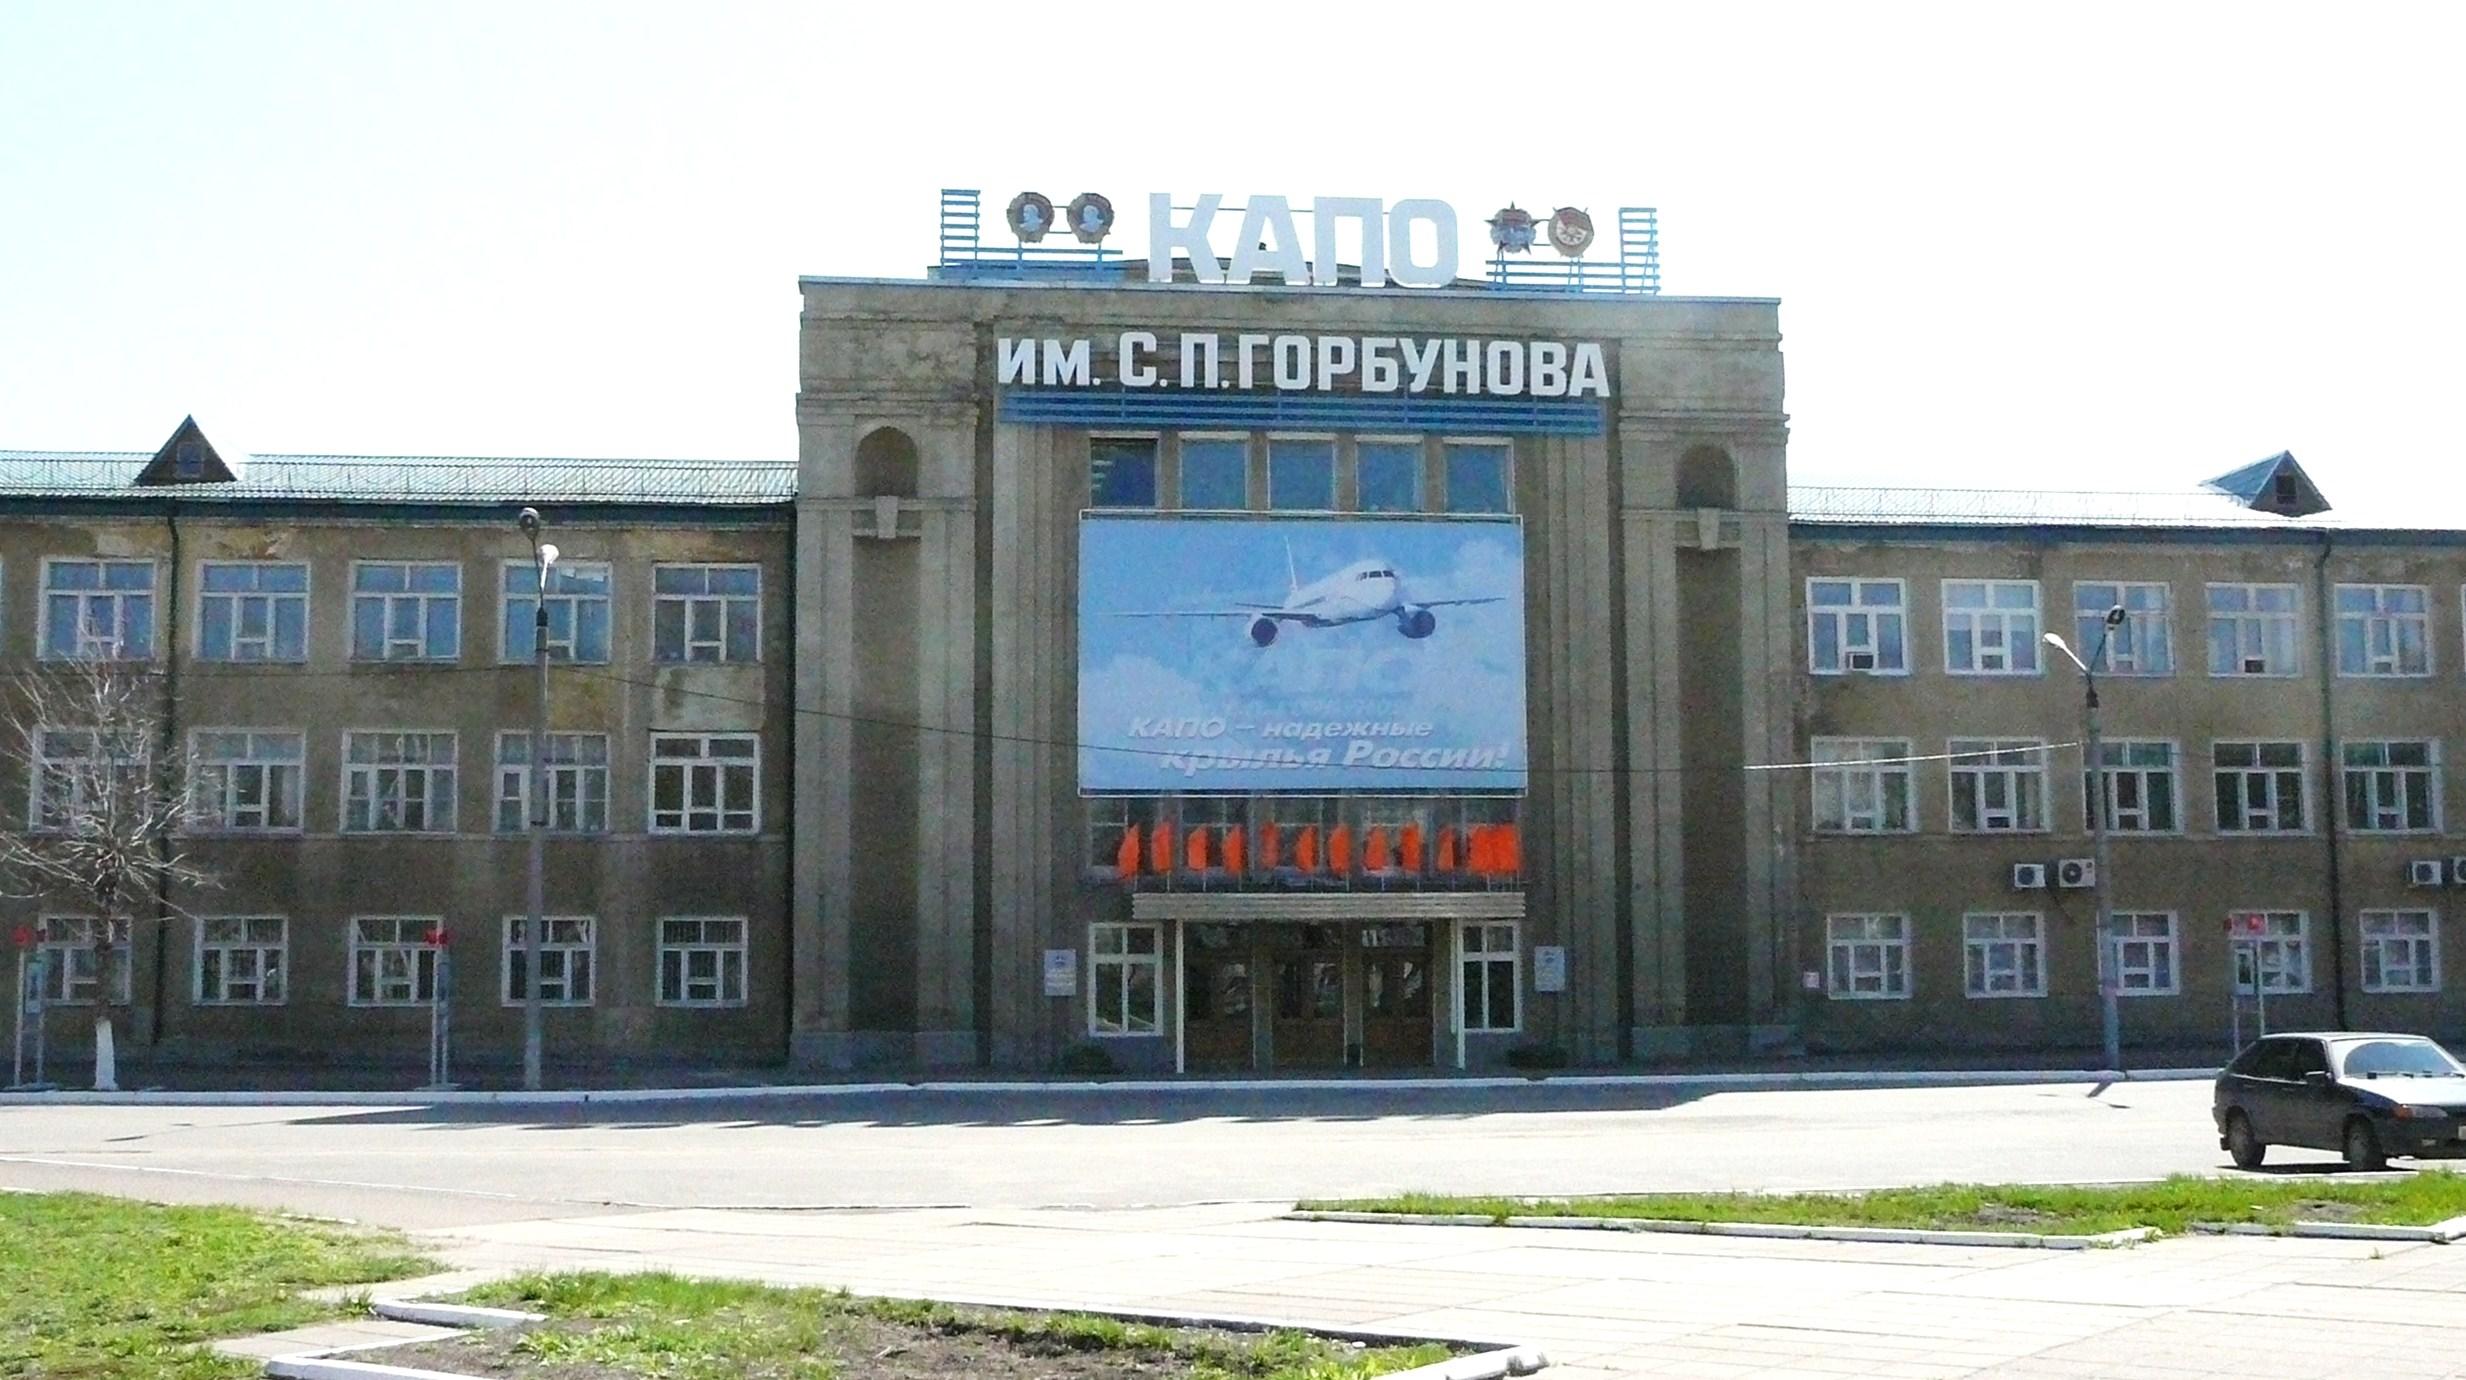 Гендиректора КАПО Горбунова отправят в отставку из-за срыва госзаказа